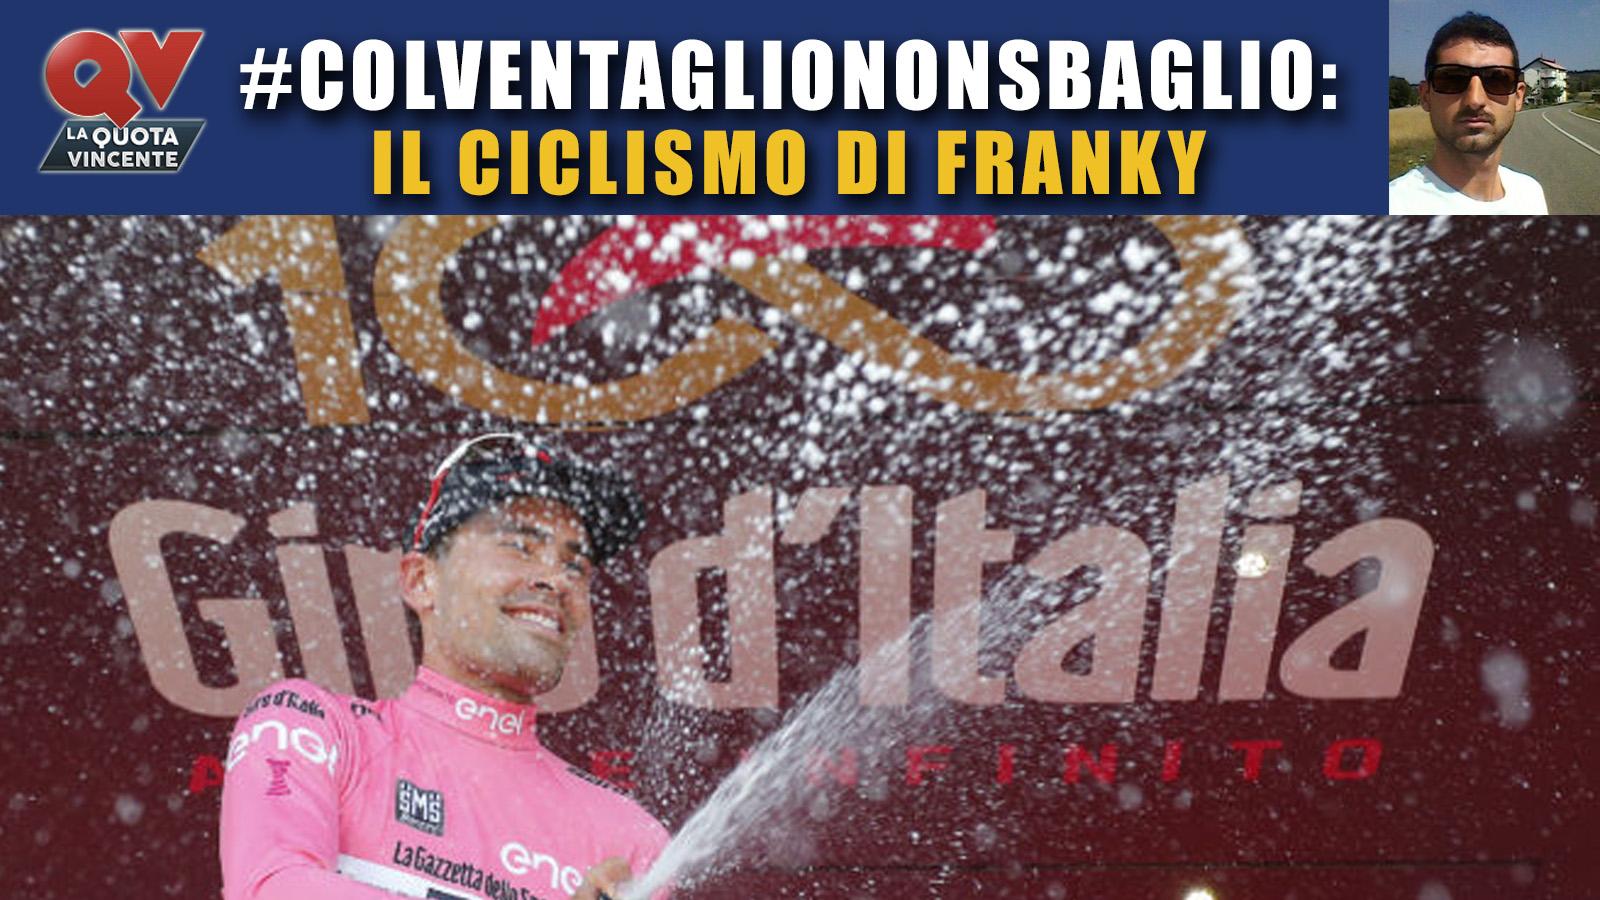 Pronostici e favoriti Giro d'Italia 2018: l'analisi e le migliori quote!